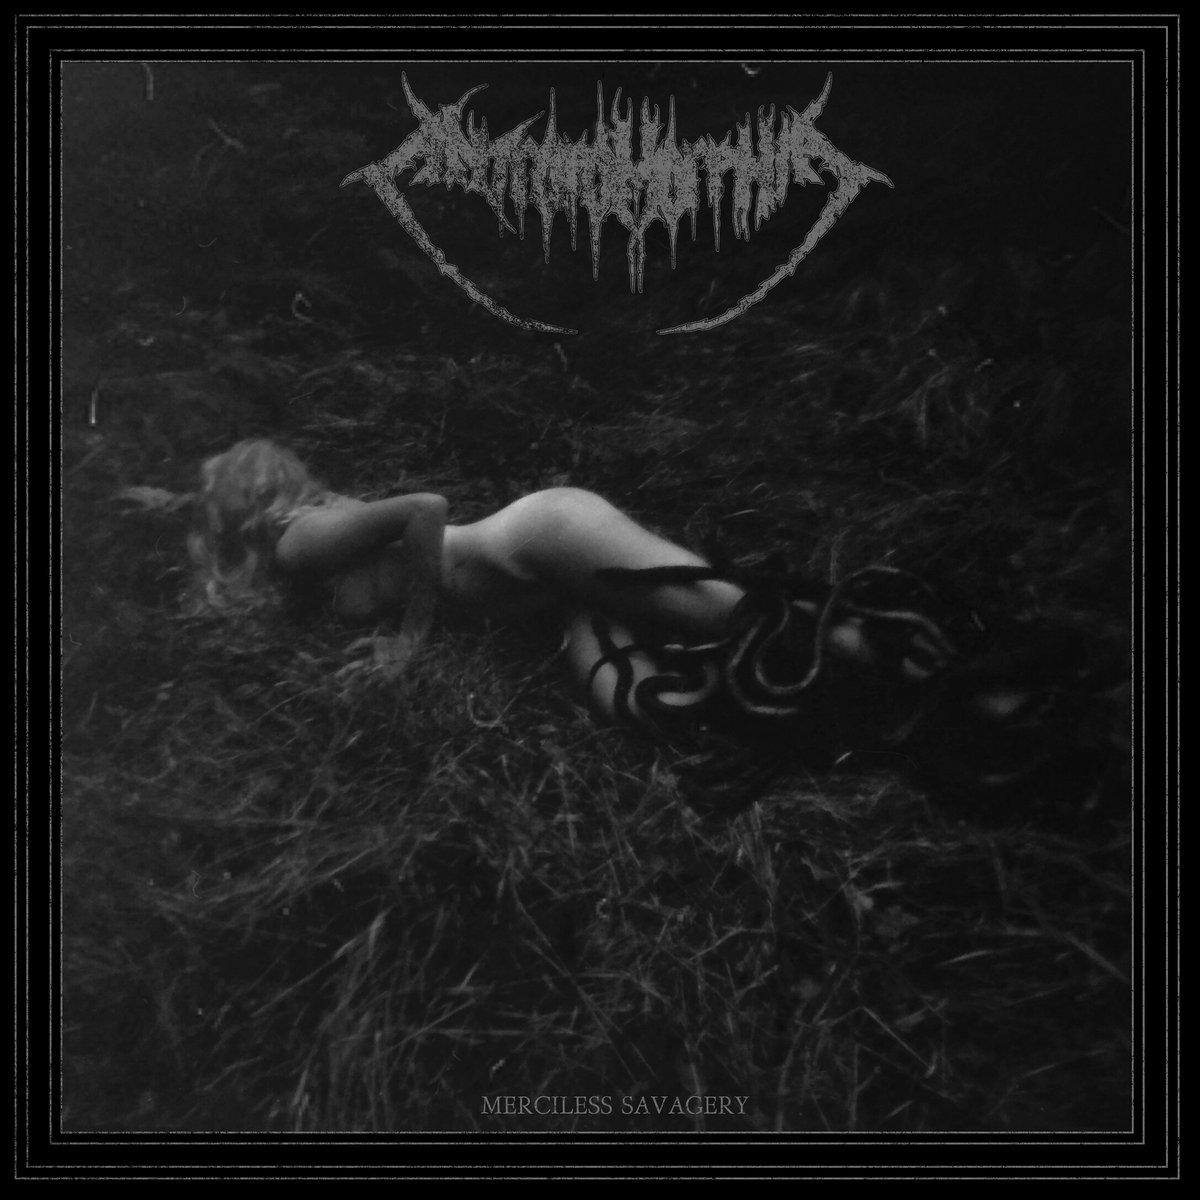 Antropomorphia – Merciless Savagery